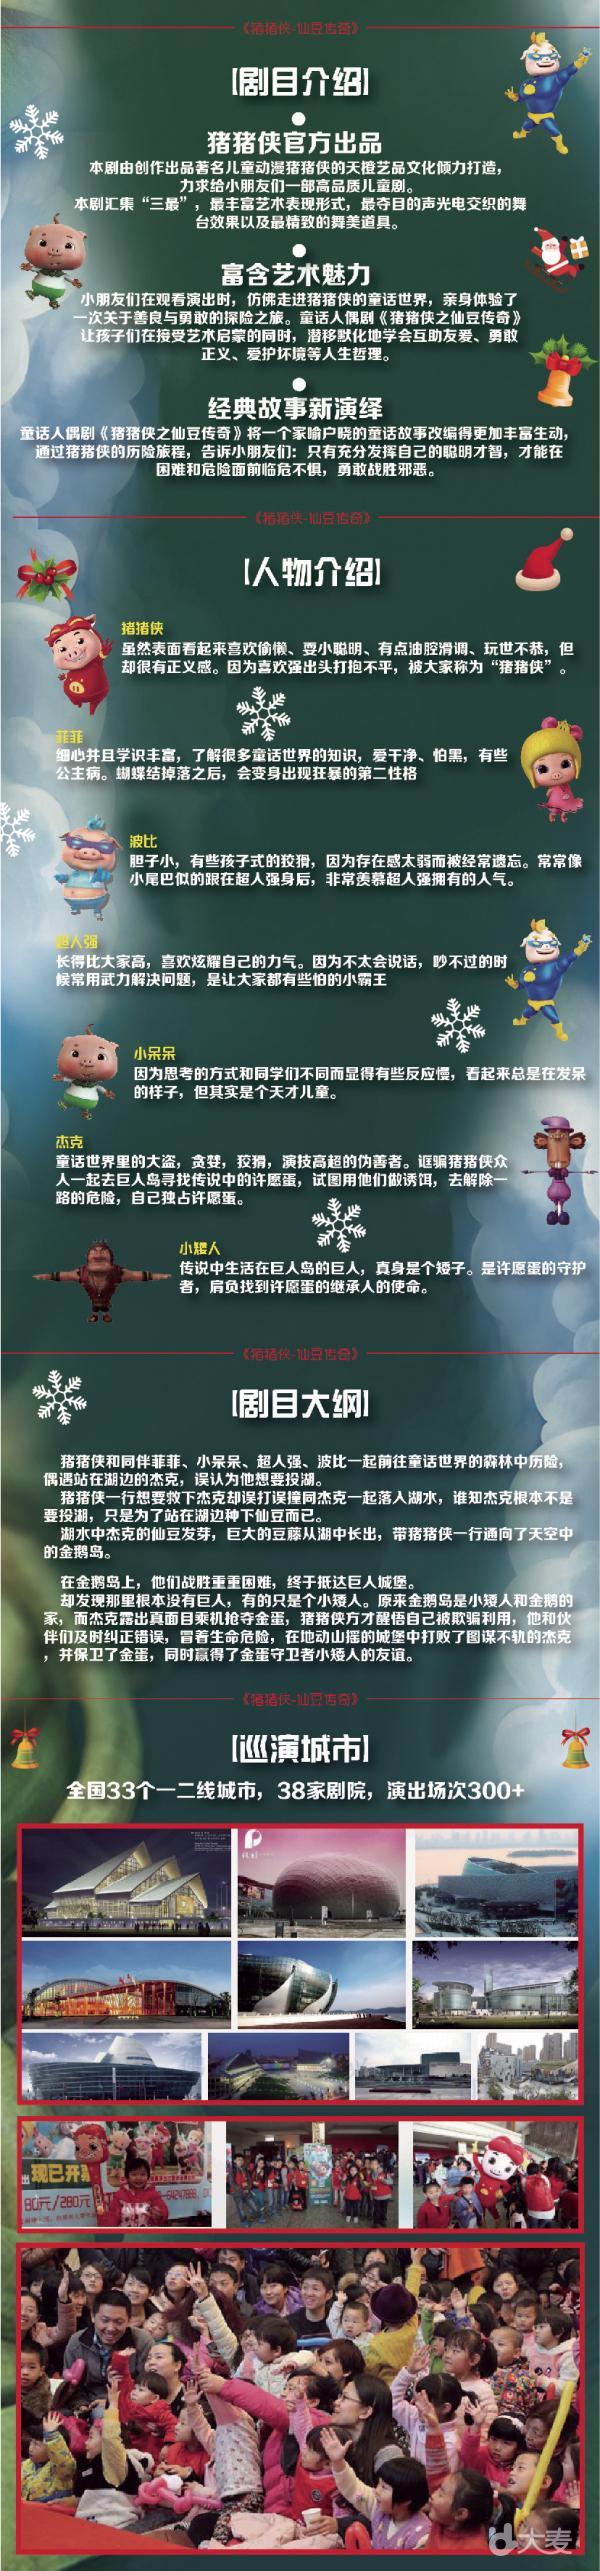 大型全景互动式3D亲子动漫舞台剧《猪猪侠-仙豆传奇》 2018圣诞特制版大连首演